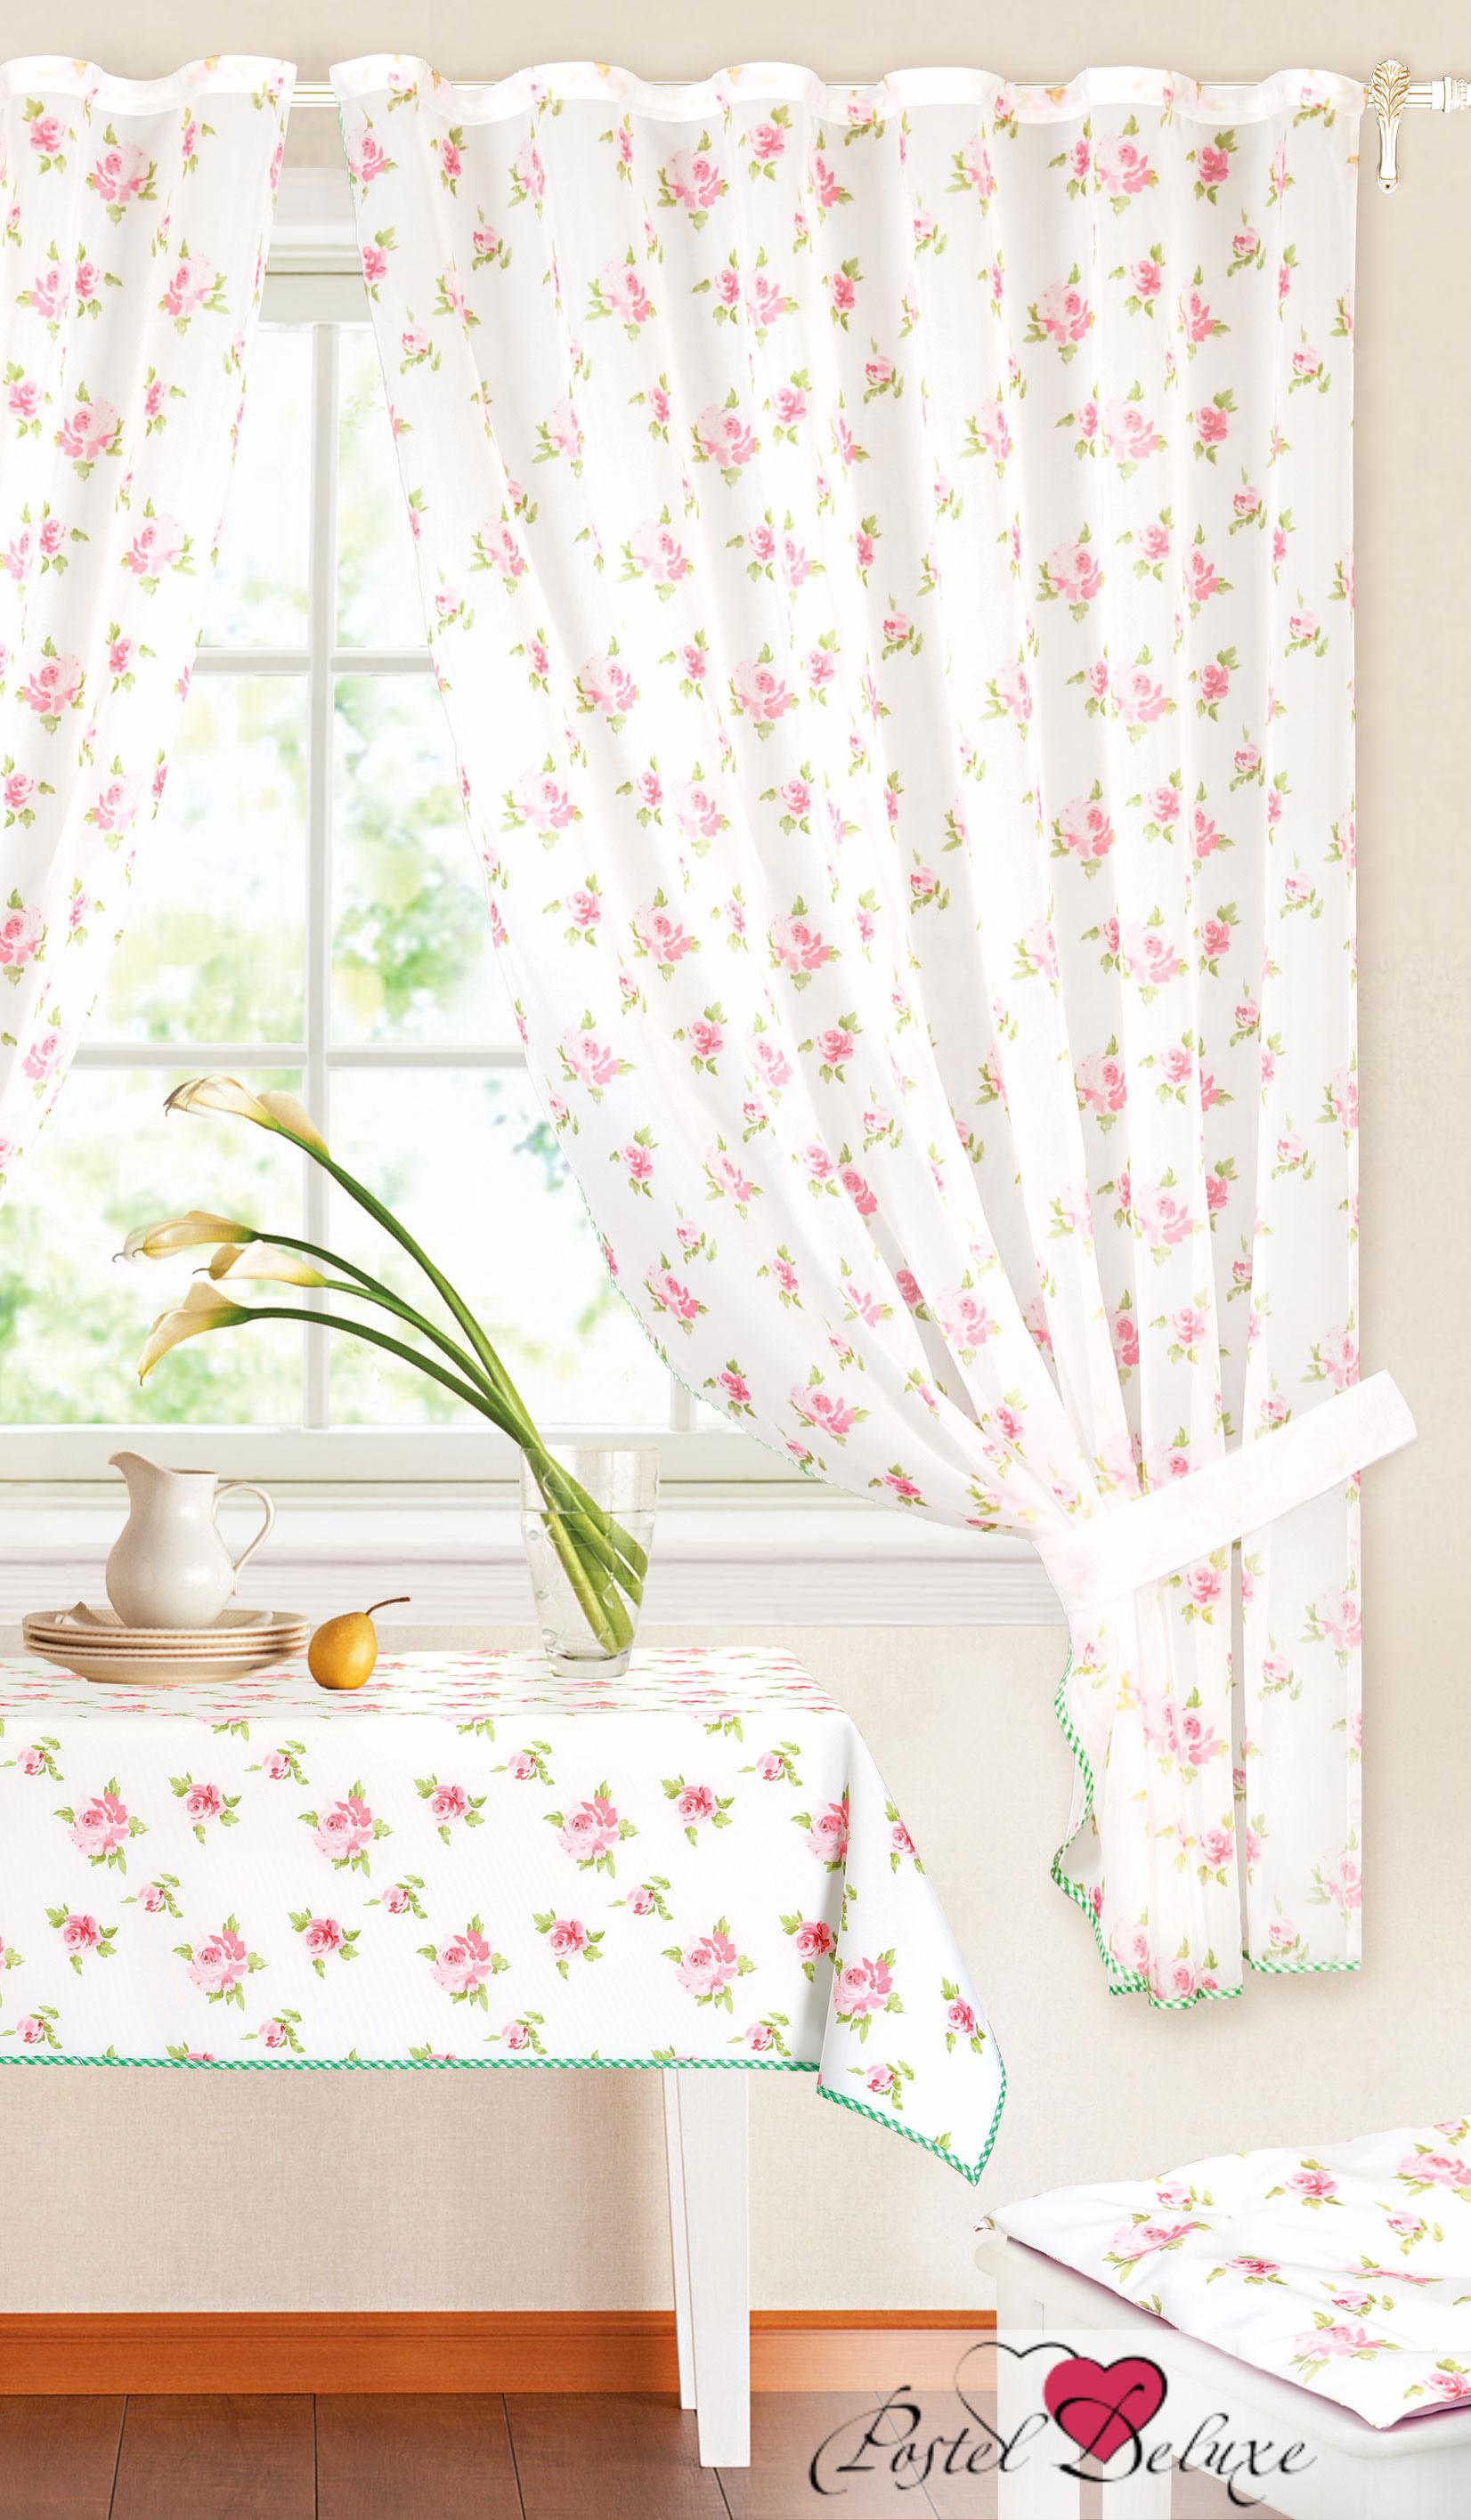 Шторы Garden Классические шторы Милые Розочки Цвет: Фуксия шторы tac классические шторы winx цвет персиковый 200x265 см